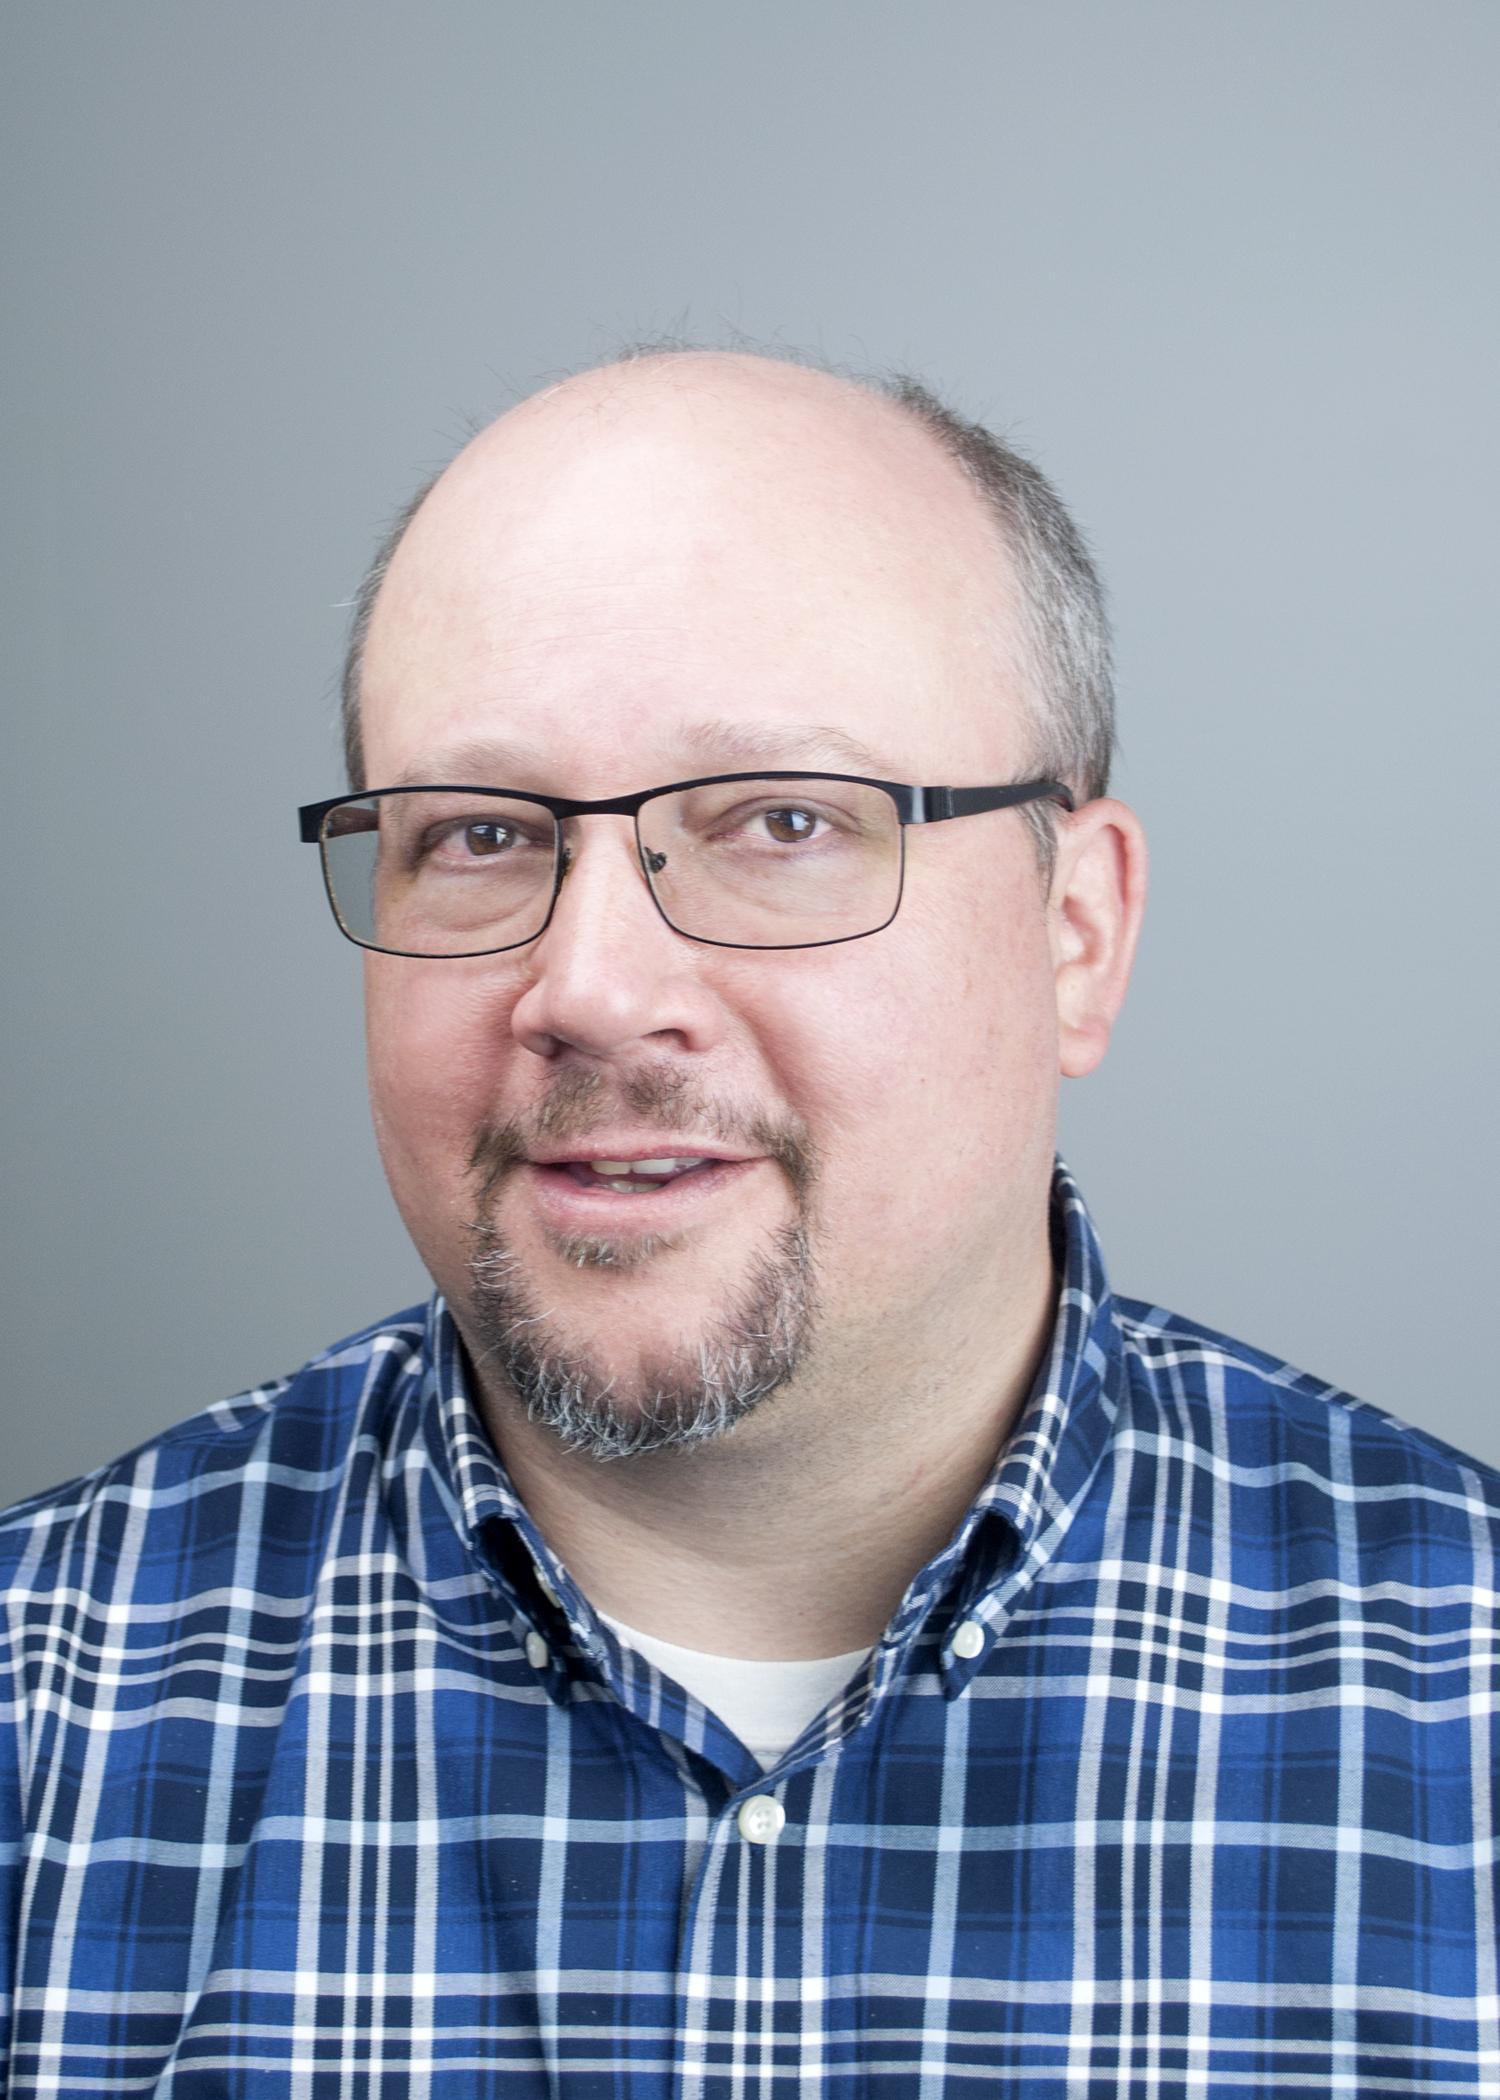 KEVIN CIESZYKOWSKI , Architect